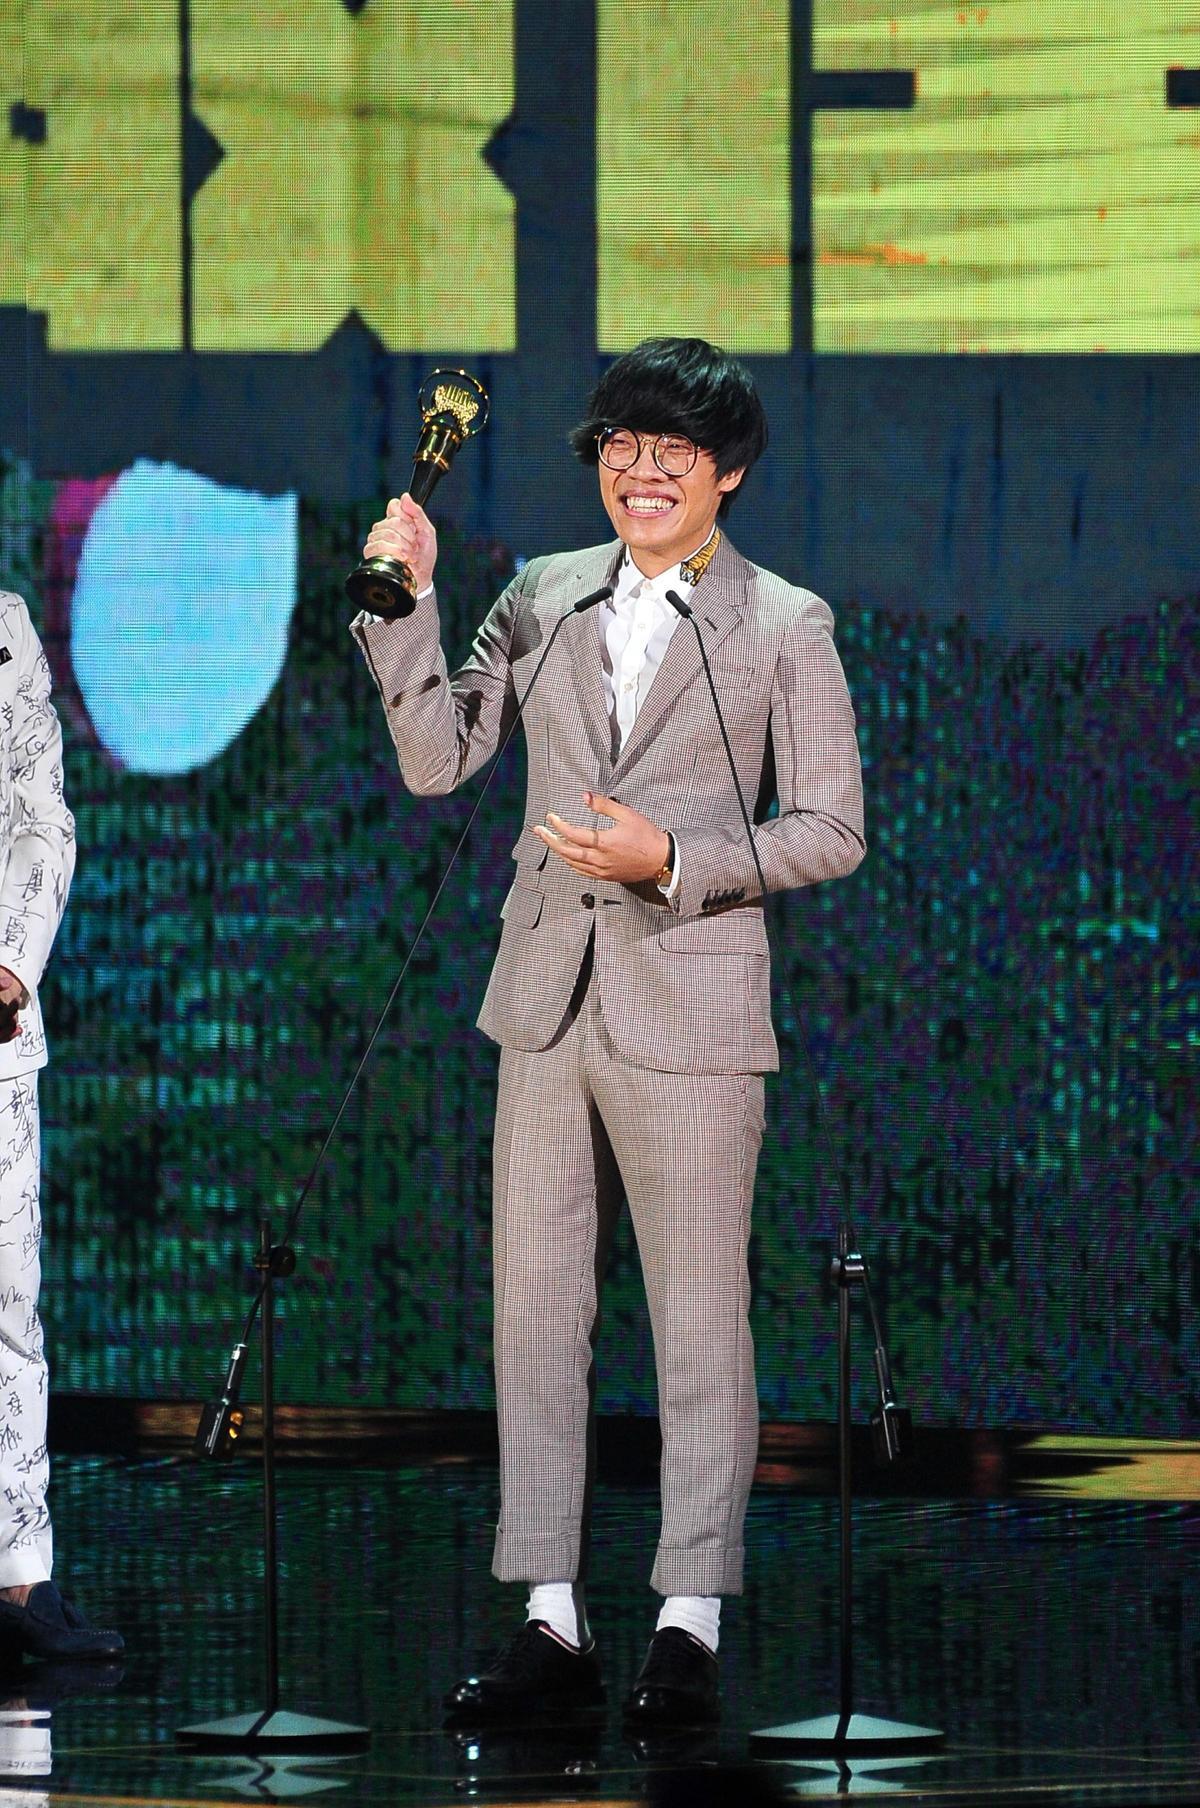 【金曲29】卢广仲夺两奖献给天上的阿嬷与外婆